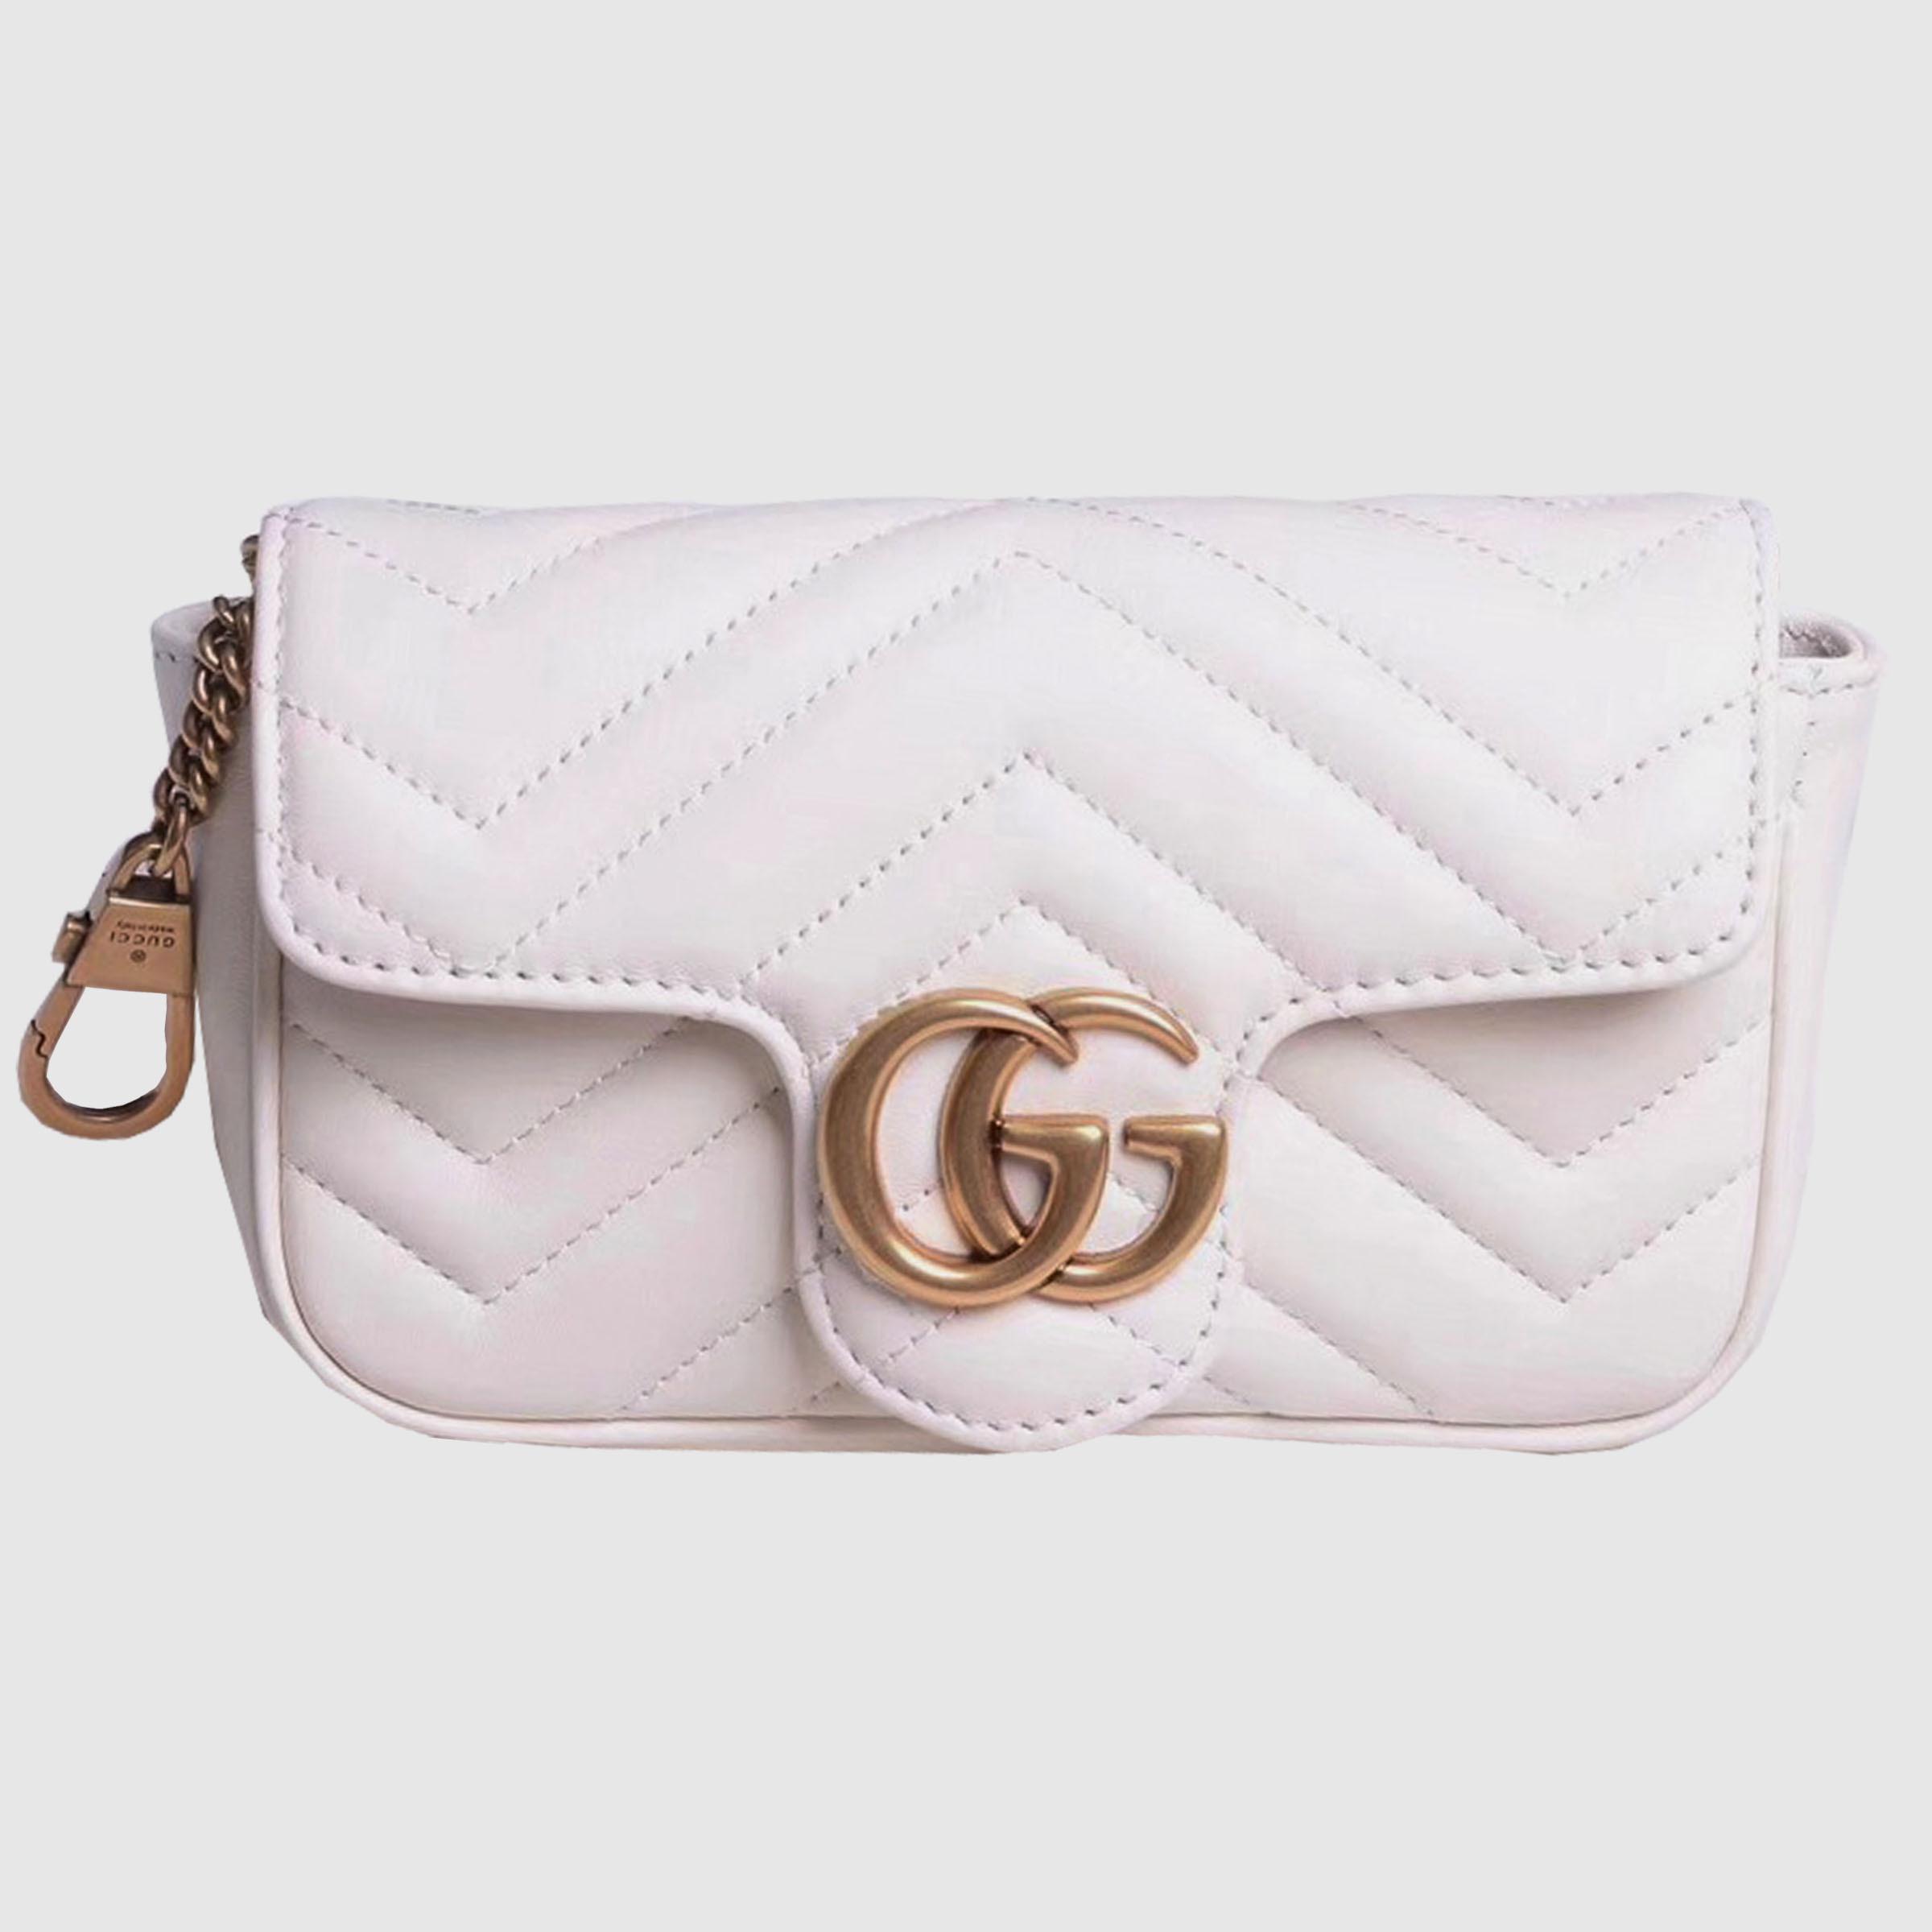 700c8e27d6c Gucci GG Marmont matelasse leather super mini bag dusty white chevron  leather 476433  Gucci ...